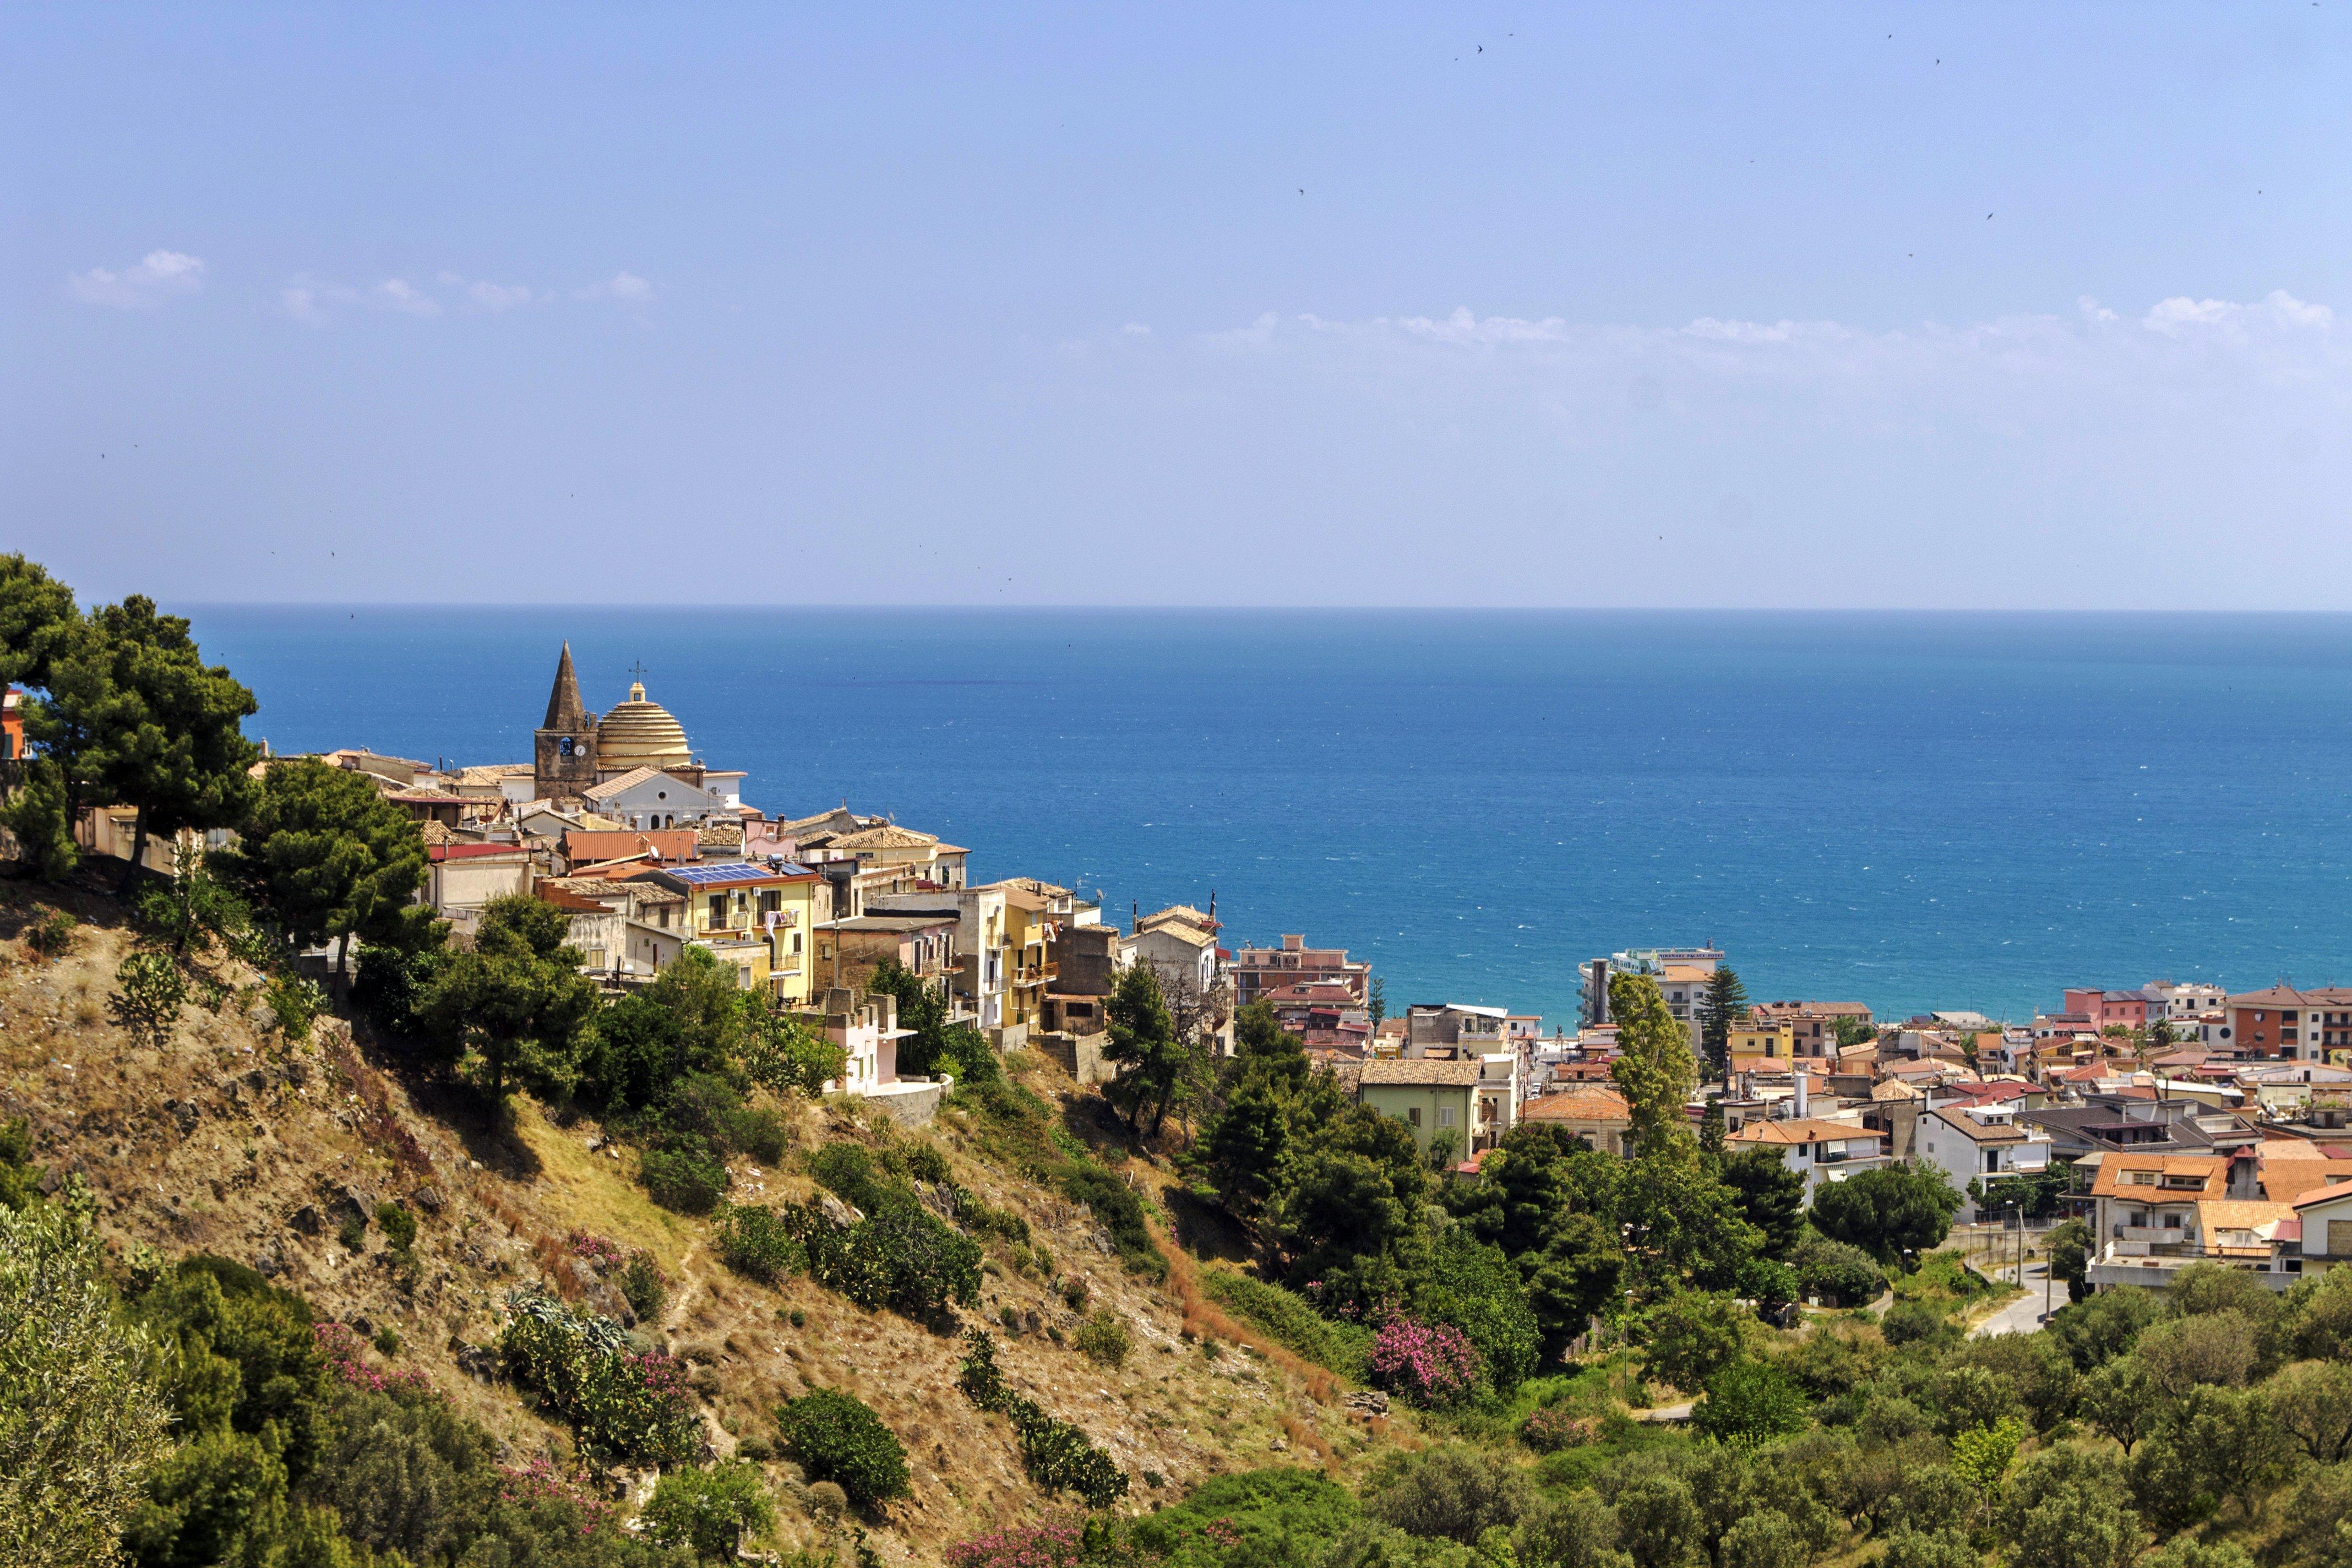 Alto Jonio Cosentino, il Mibact dice sì al finanziamento per il turismo